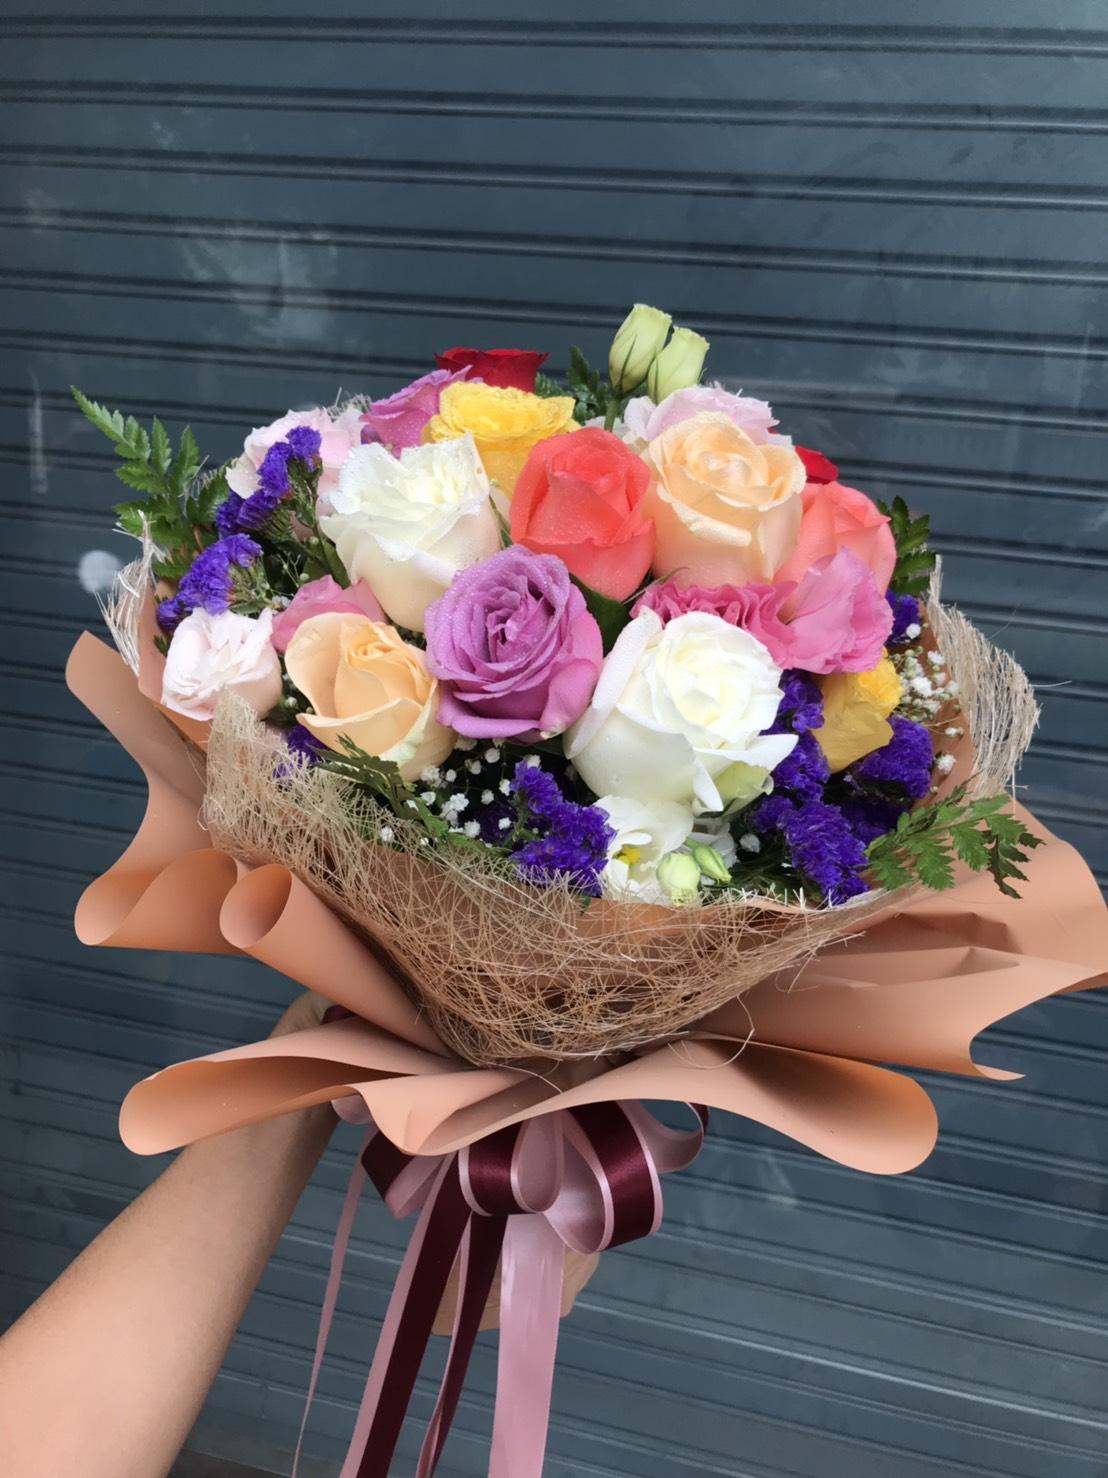 ช่อดอกไม้ที่มีเสน่ห์ไม่ซ้ำใคร เพราะประกอบด้วยดอกไม้หลากสีสันนะคะ